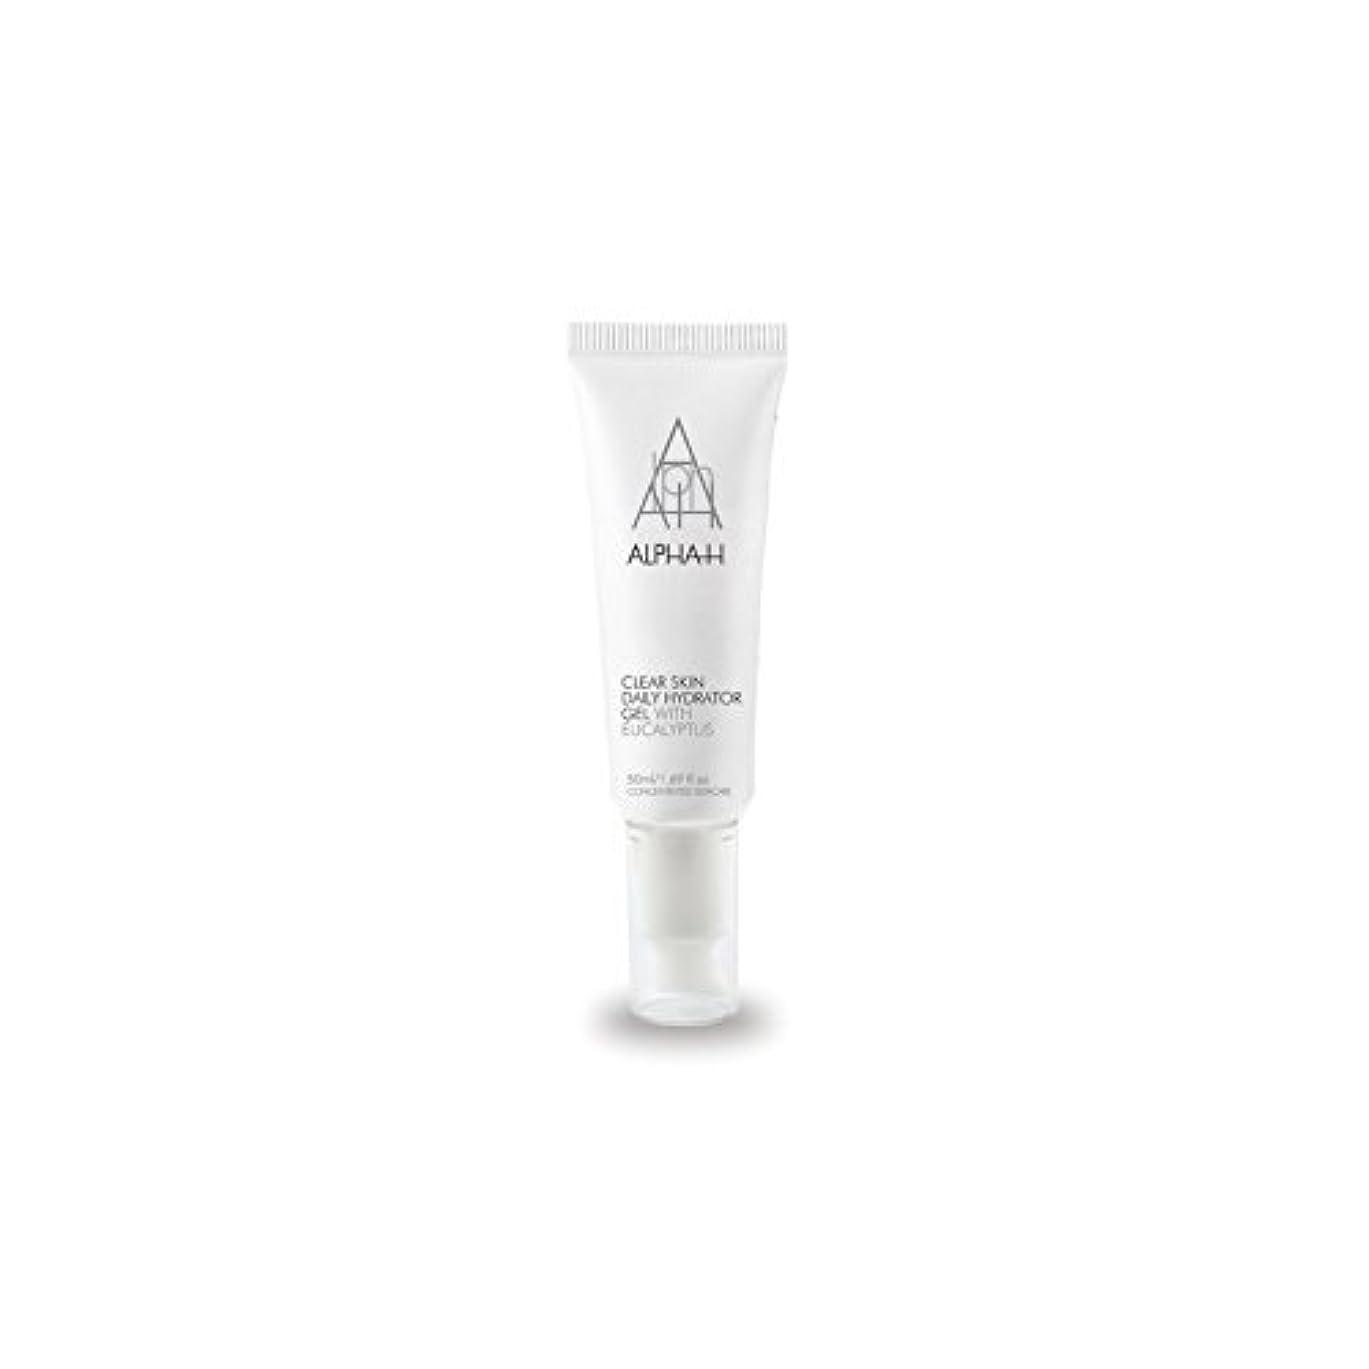 到着断言する最も遠いAlpha-H Clear Skin Daily Hydrator Gel (50ml) (Pack of 6) - アルファクリア皮膚毎日ハイドレーターゲル(50)中 x6 [並行輸入品]